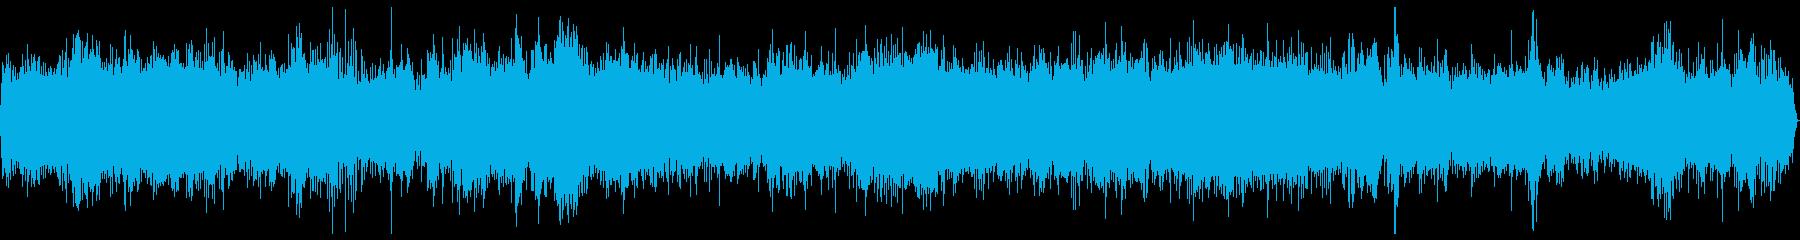 特急 電車 走行音 バイノーラル 11分の再生済みの波形